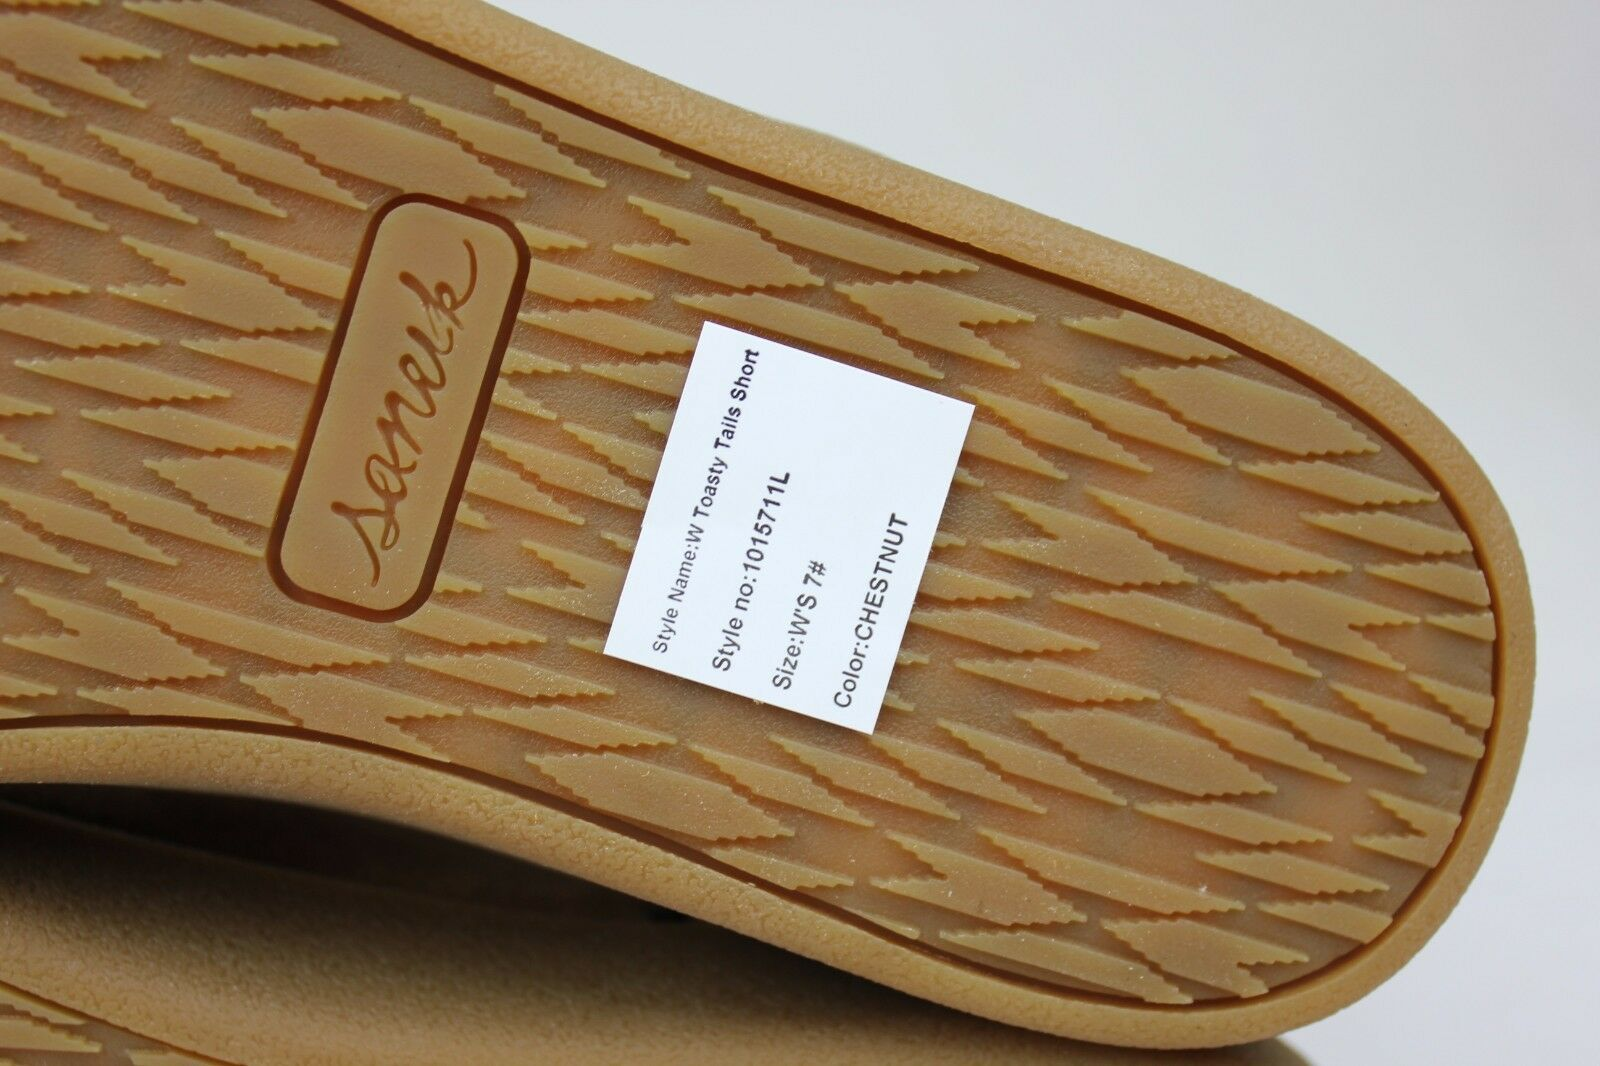 Sanuk Tostado colas Corto Castaño botas de gamuza gamuza de sintética shealing Forrado Talla 7 EE. UU. 04b2e7